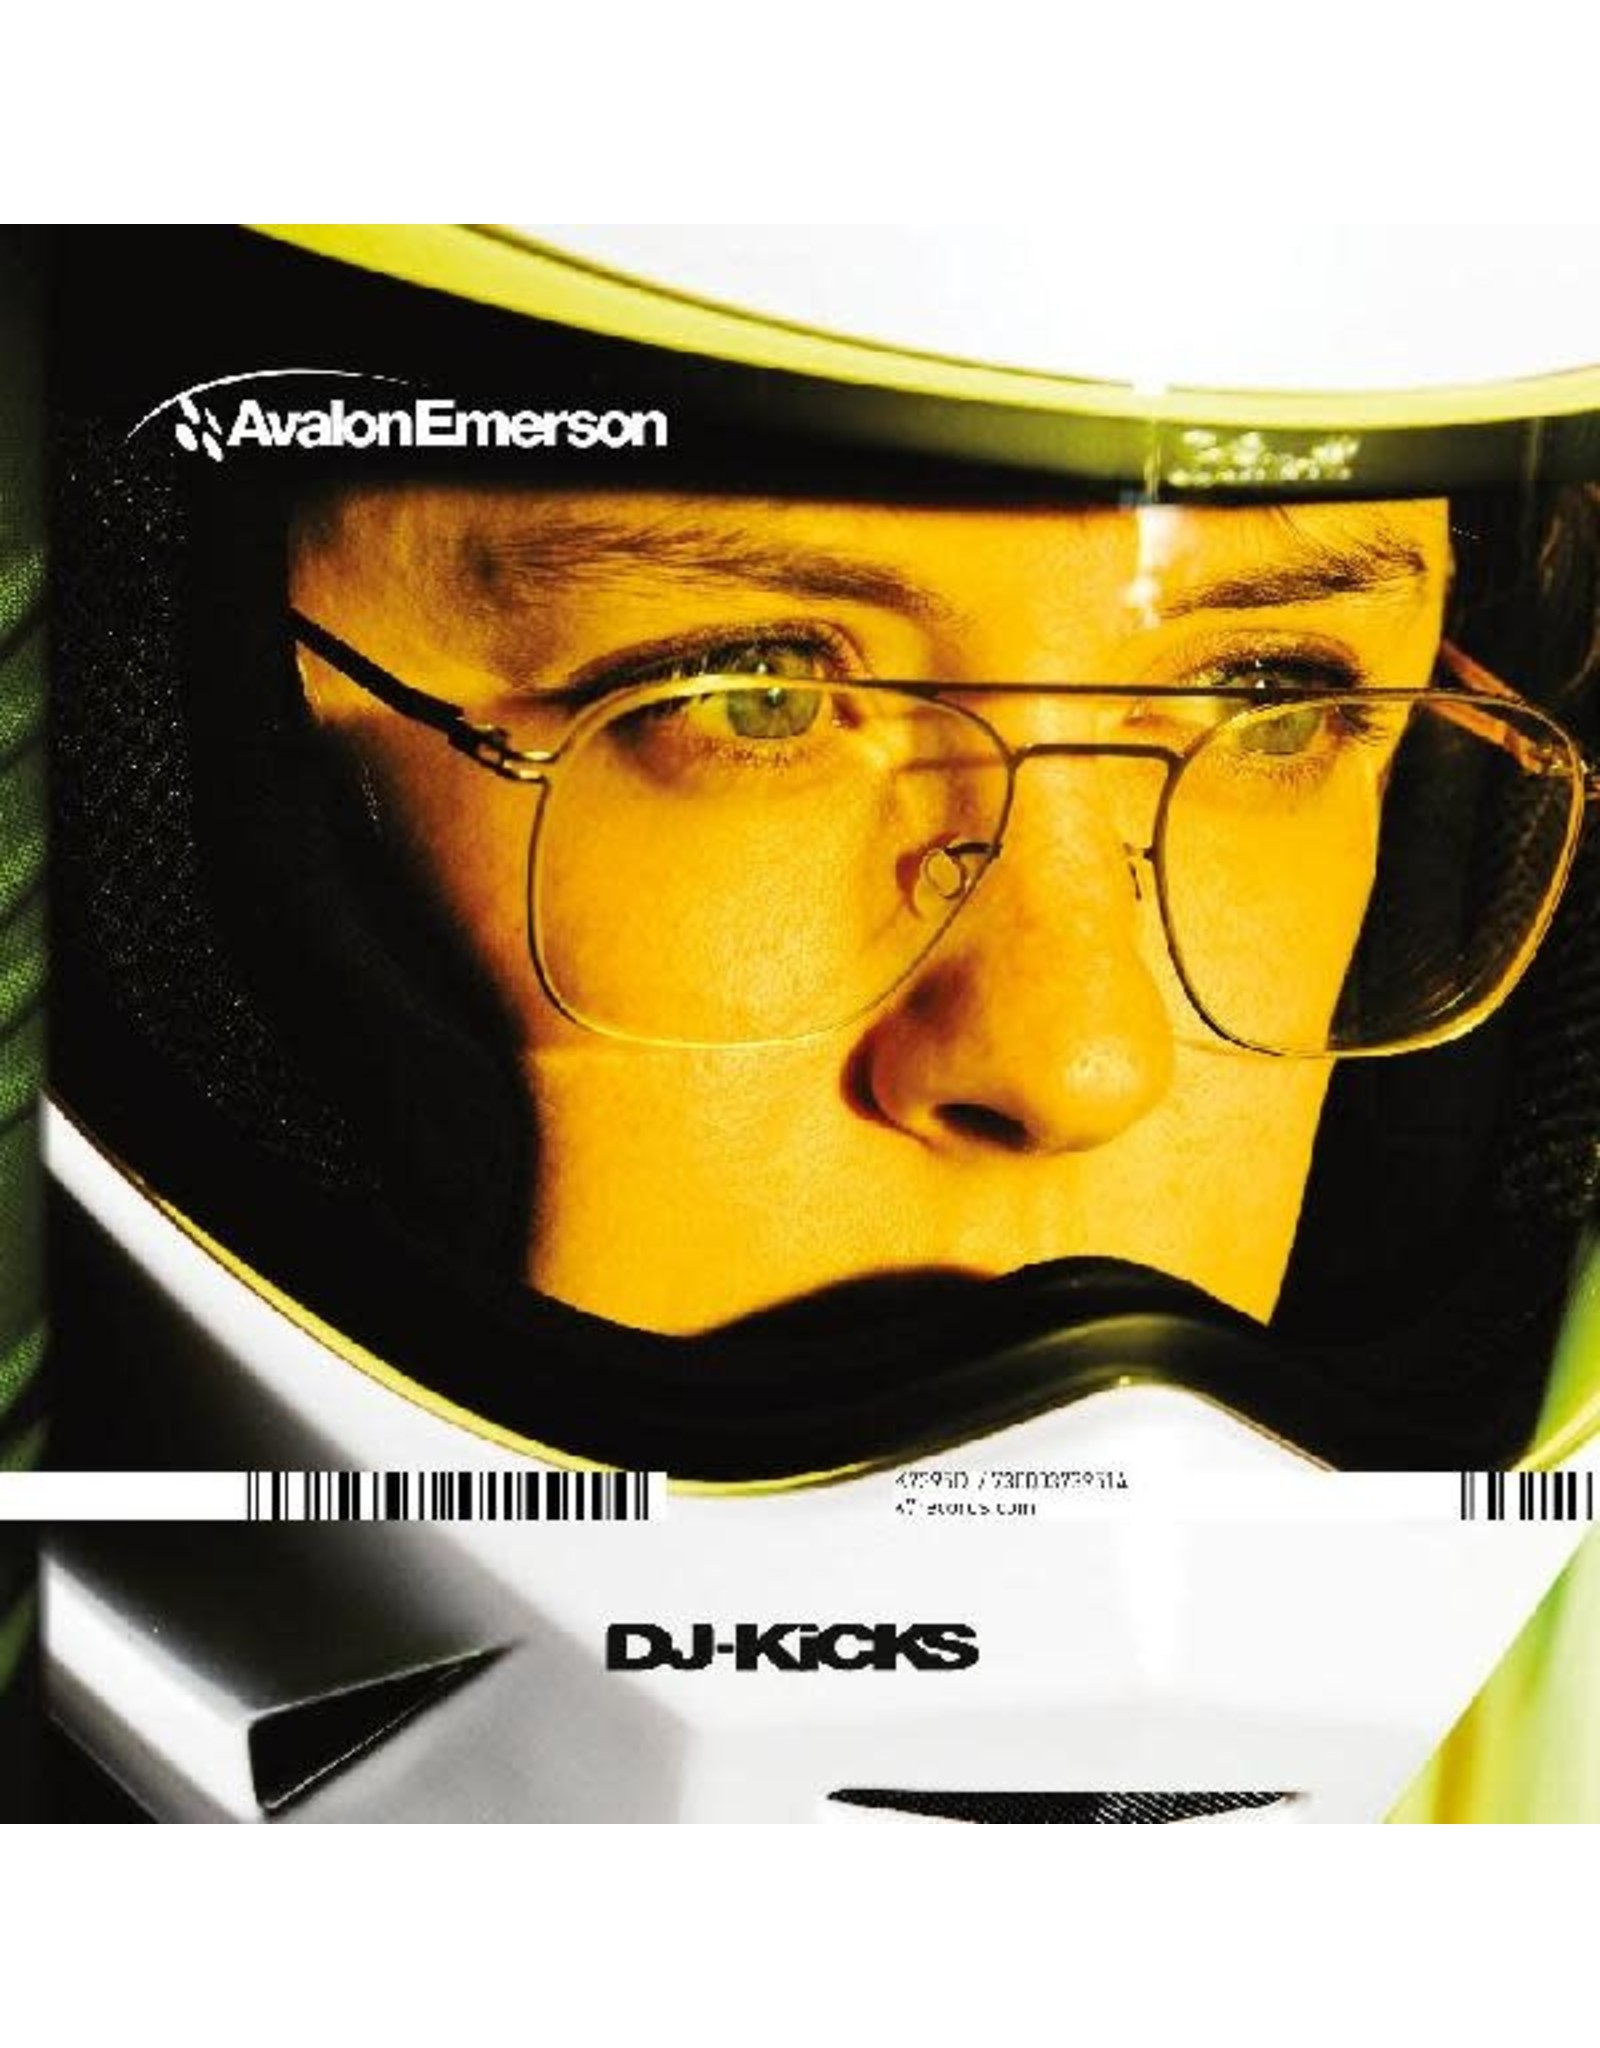 New Vinyl Avalon Emerson - DJ-Kicks 2LP